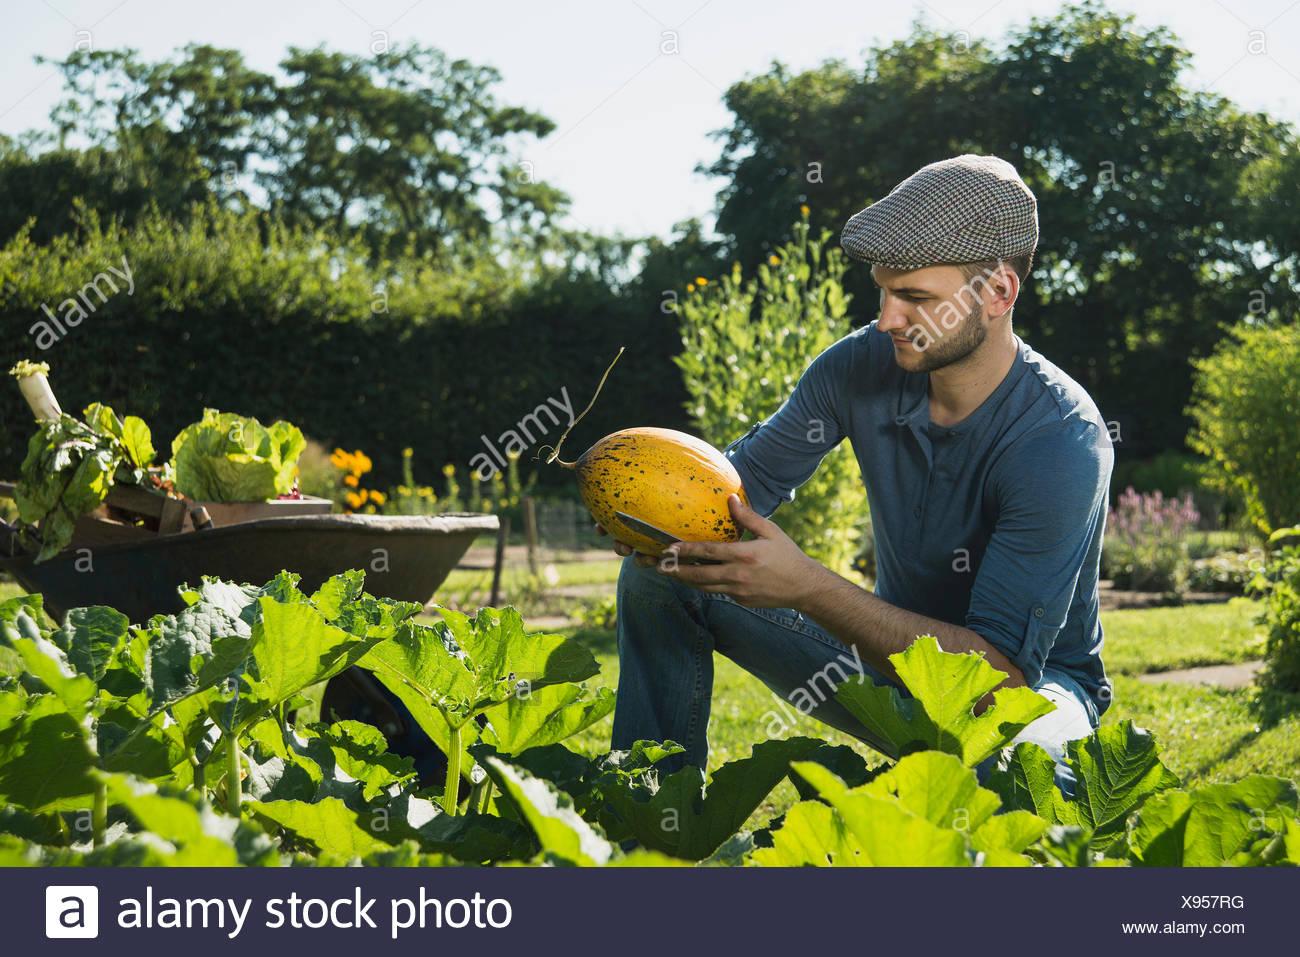 Gärtner, die Überprüfung von Gemüse Stockbild